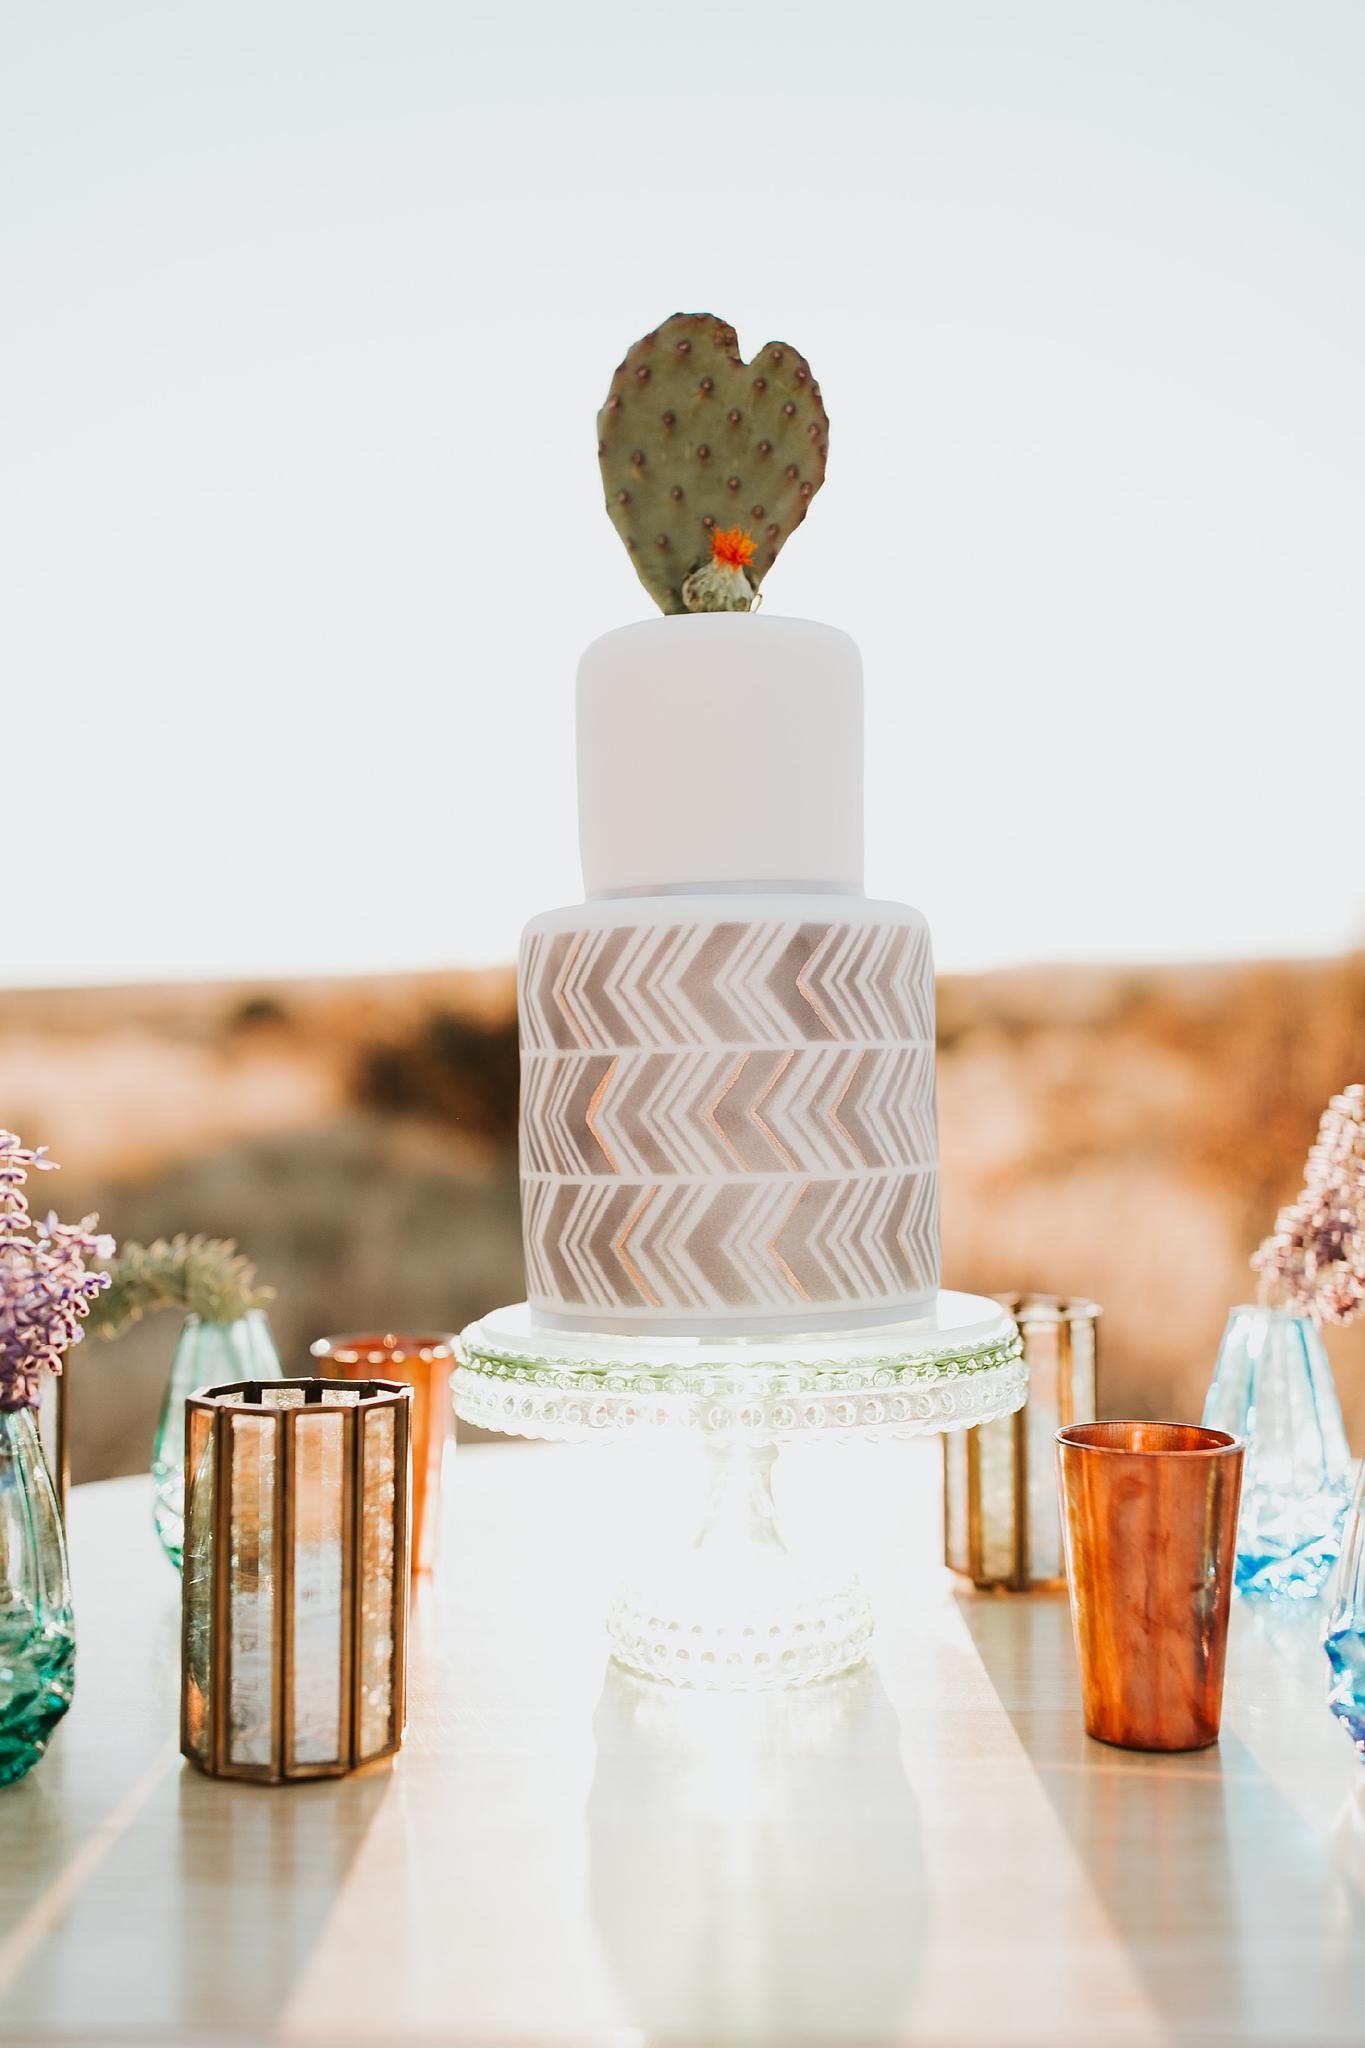 Alicia+lucia+photography+-+albuquerque+wedding+photographer+-+santa+fe+wedding+photography+-+new+mexico+wedding+photographer+-+new+mexico+wedding+-+new+mexico+wedding+-+wedding+florals+-+desert+wedding+-+wedding+trends_0079.jpg